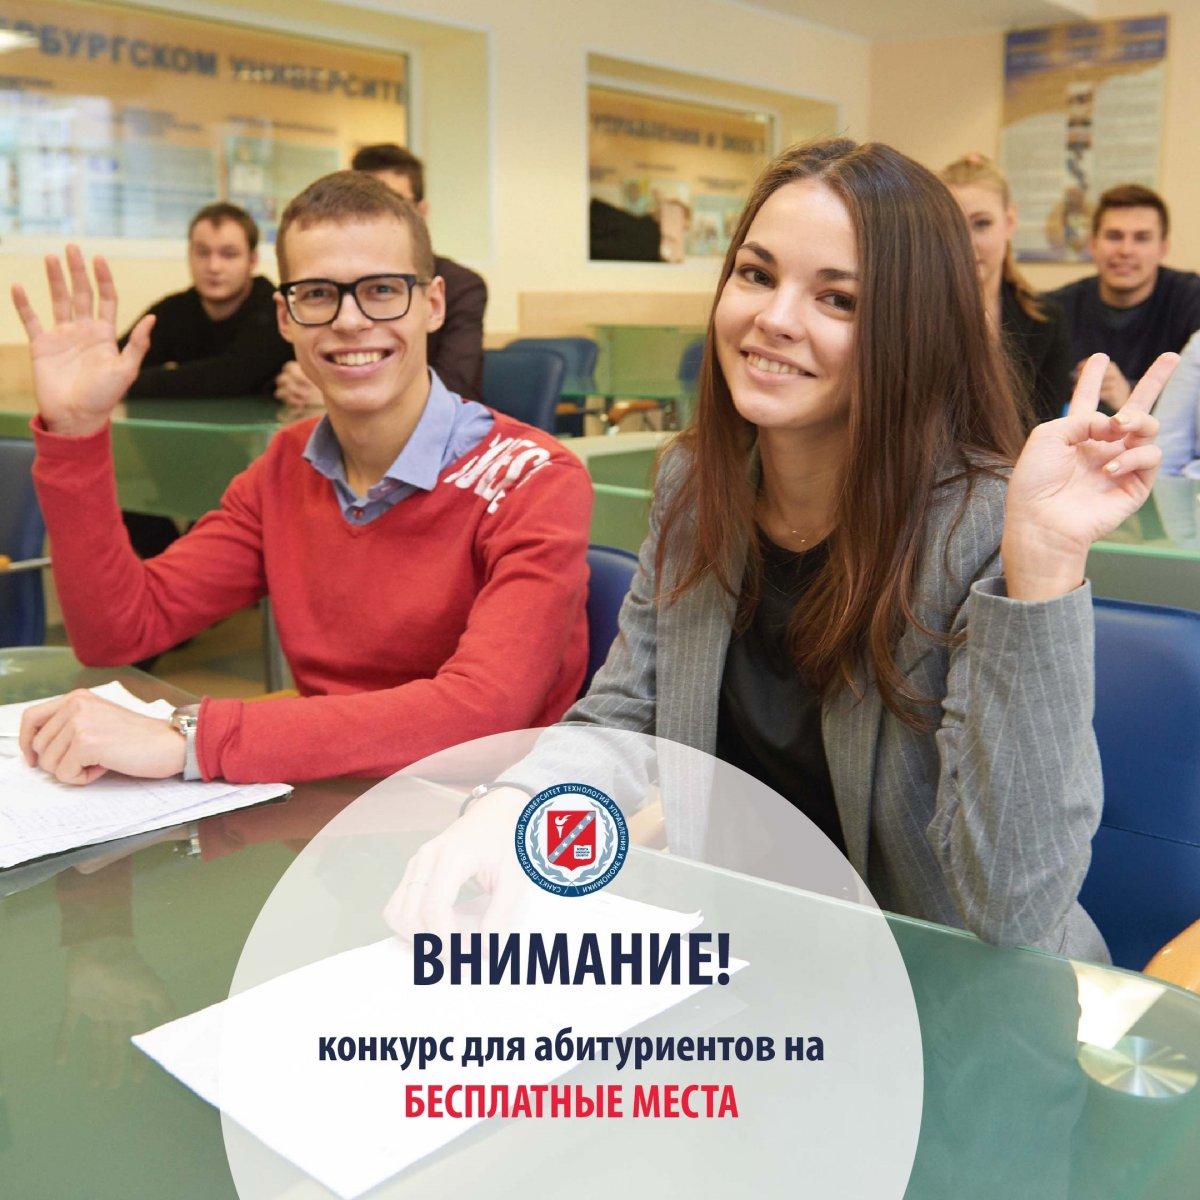 Санкт-Петербургский университет технологий управления и экономики ежегодно объявляет конкурс на бесплатные места